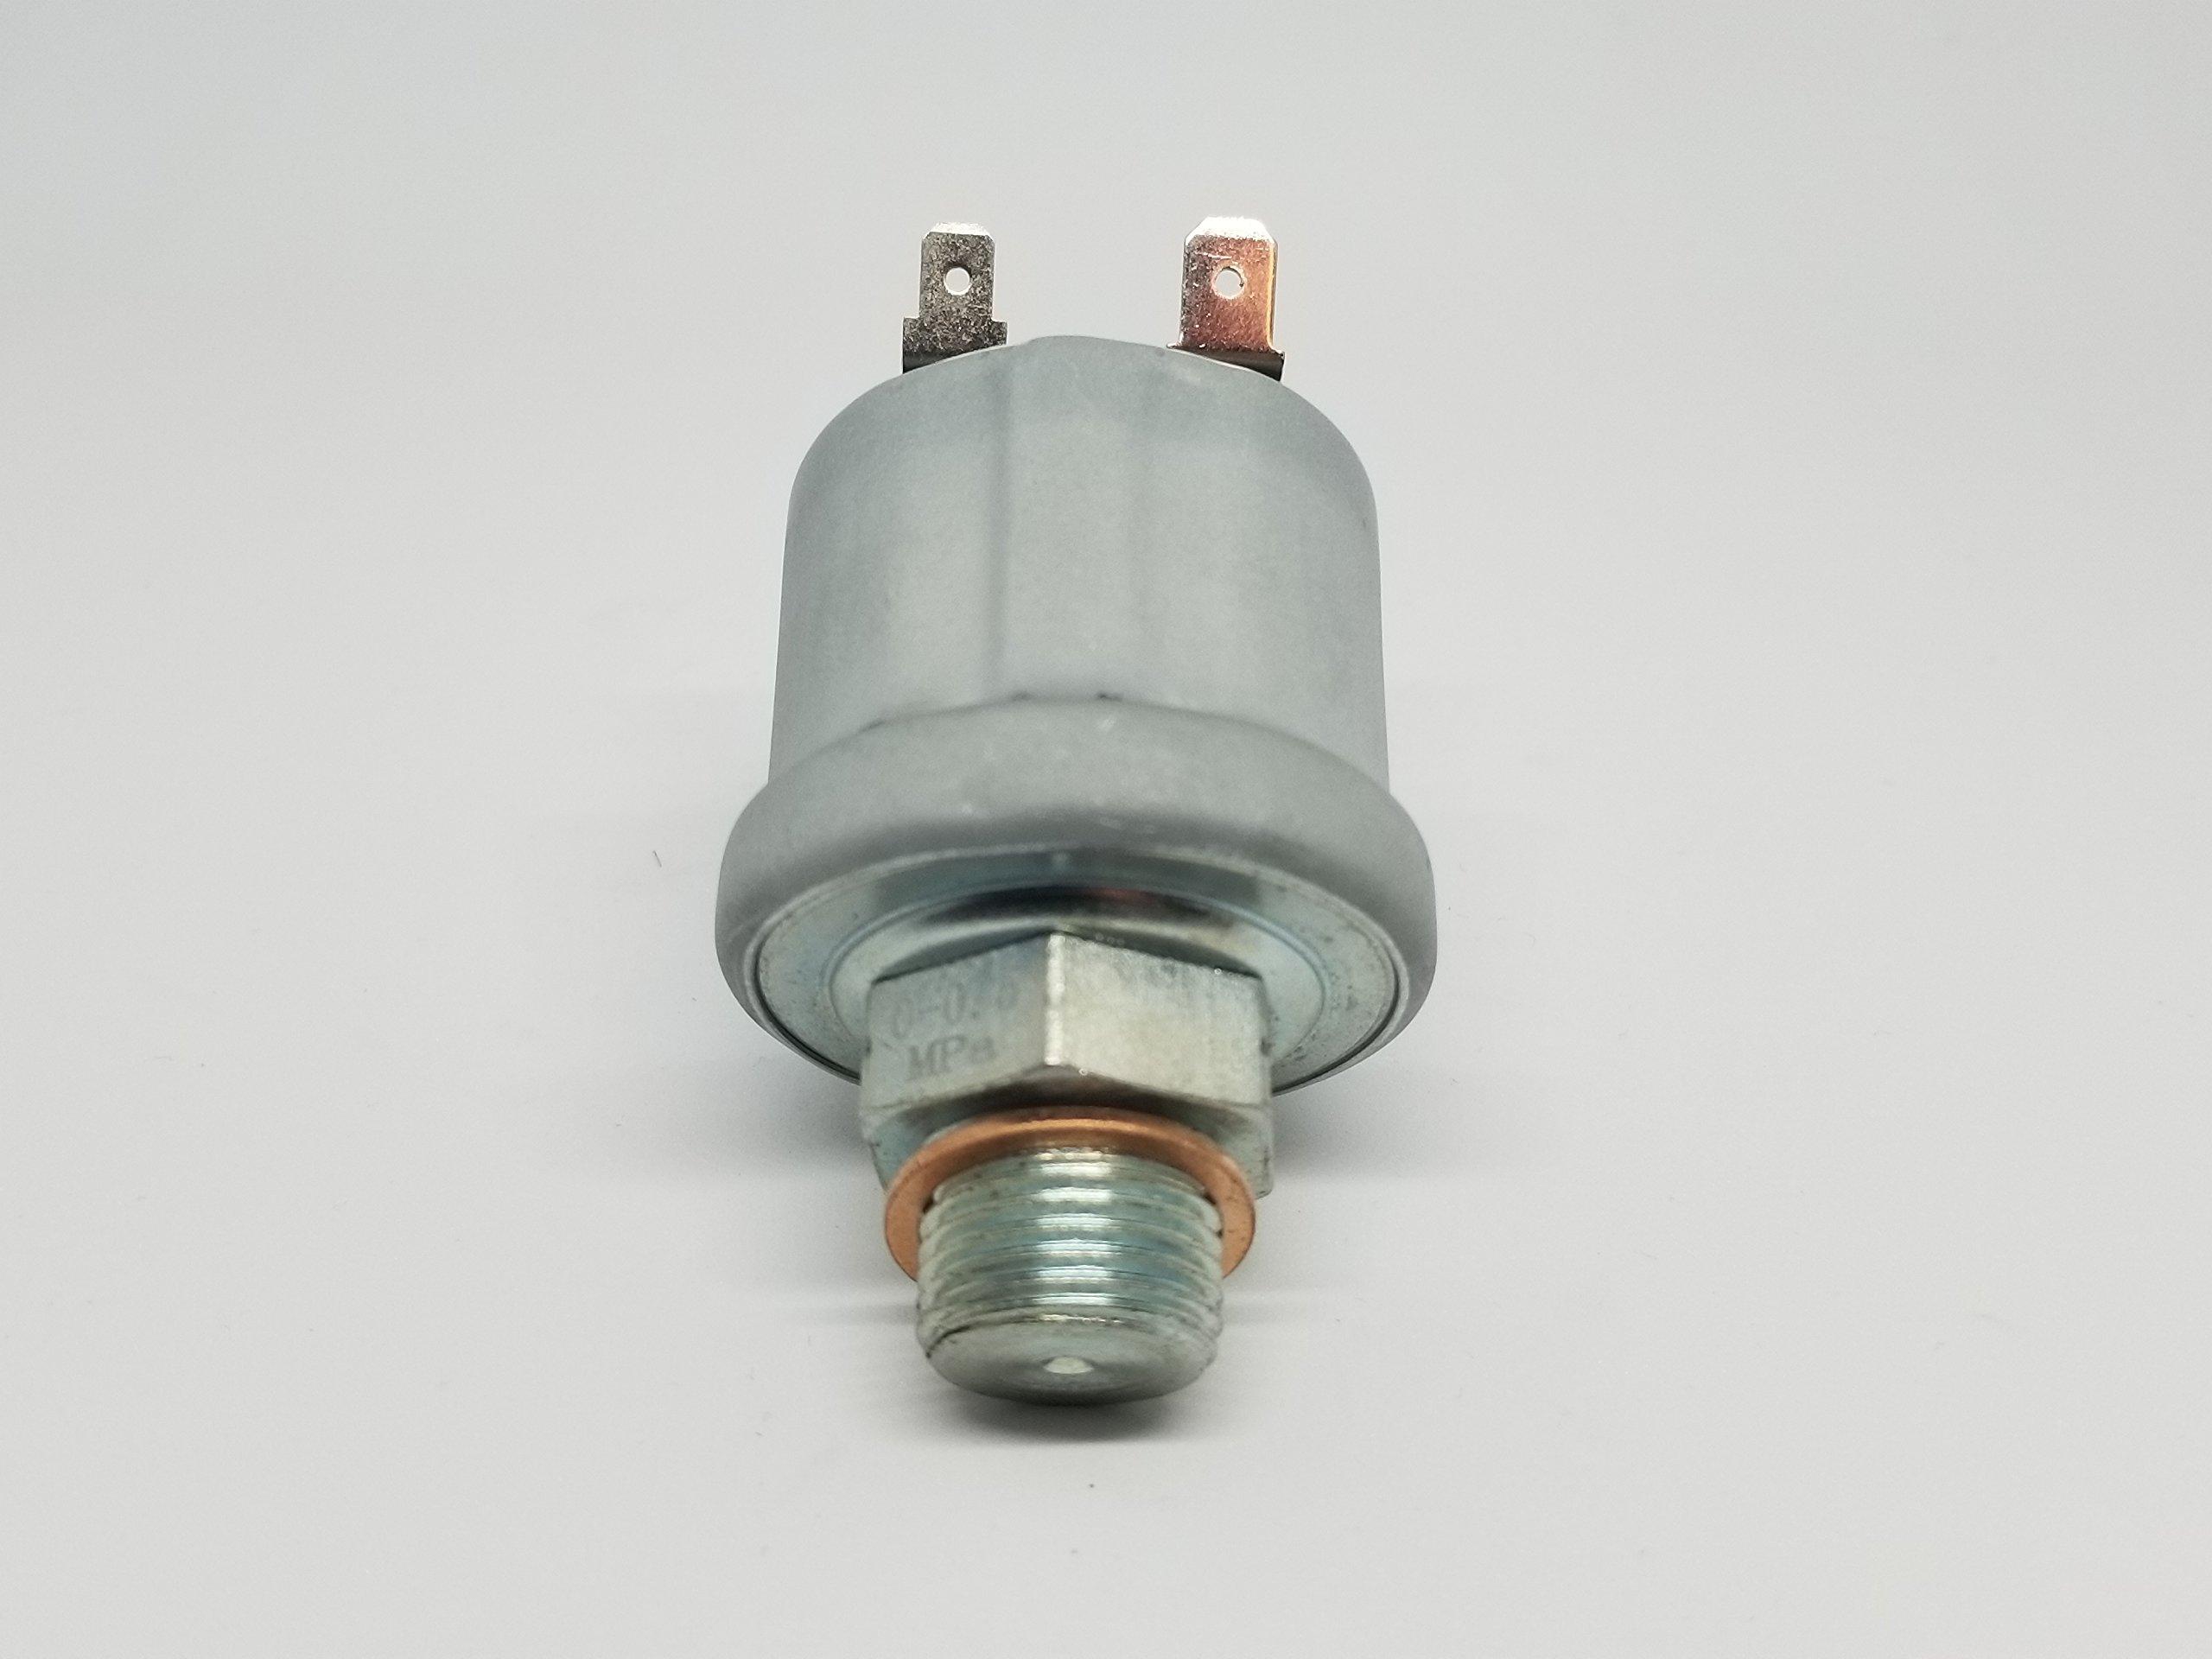 7020461 Pressure Sensor (01175981) - Fits JLG